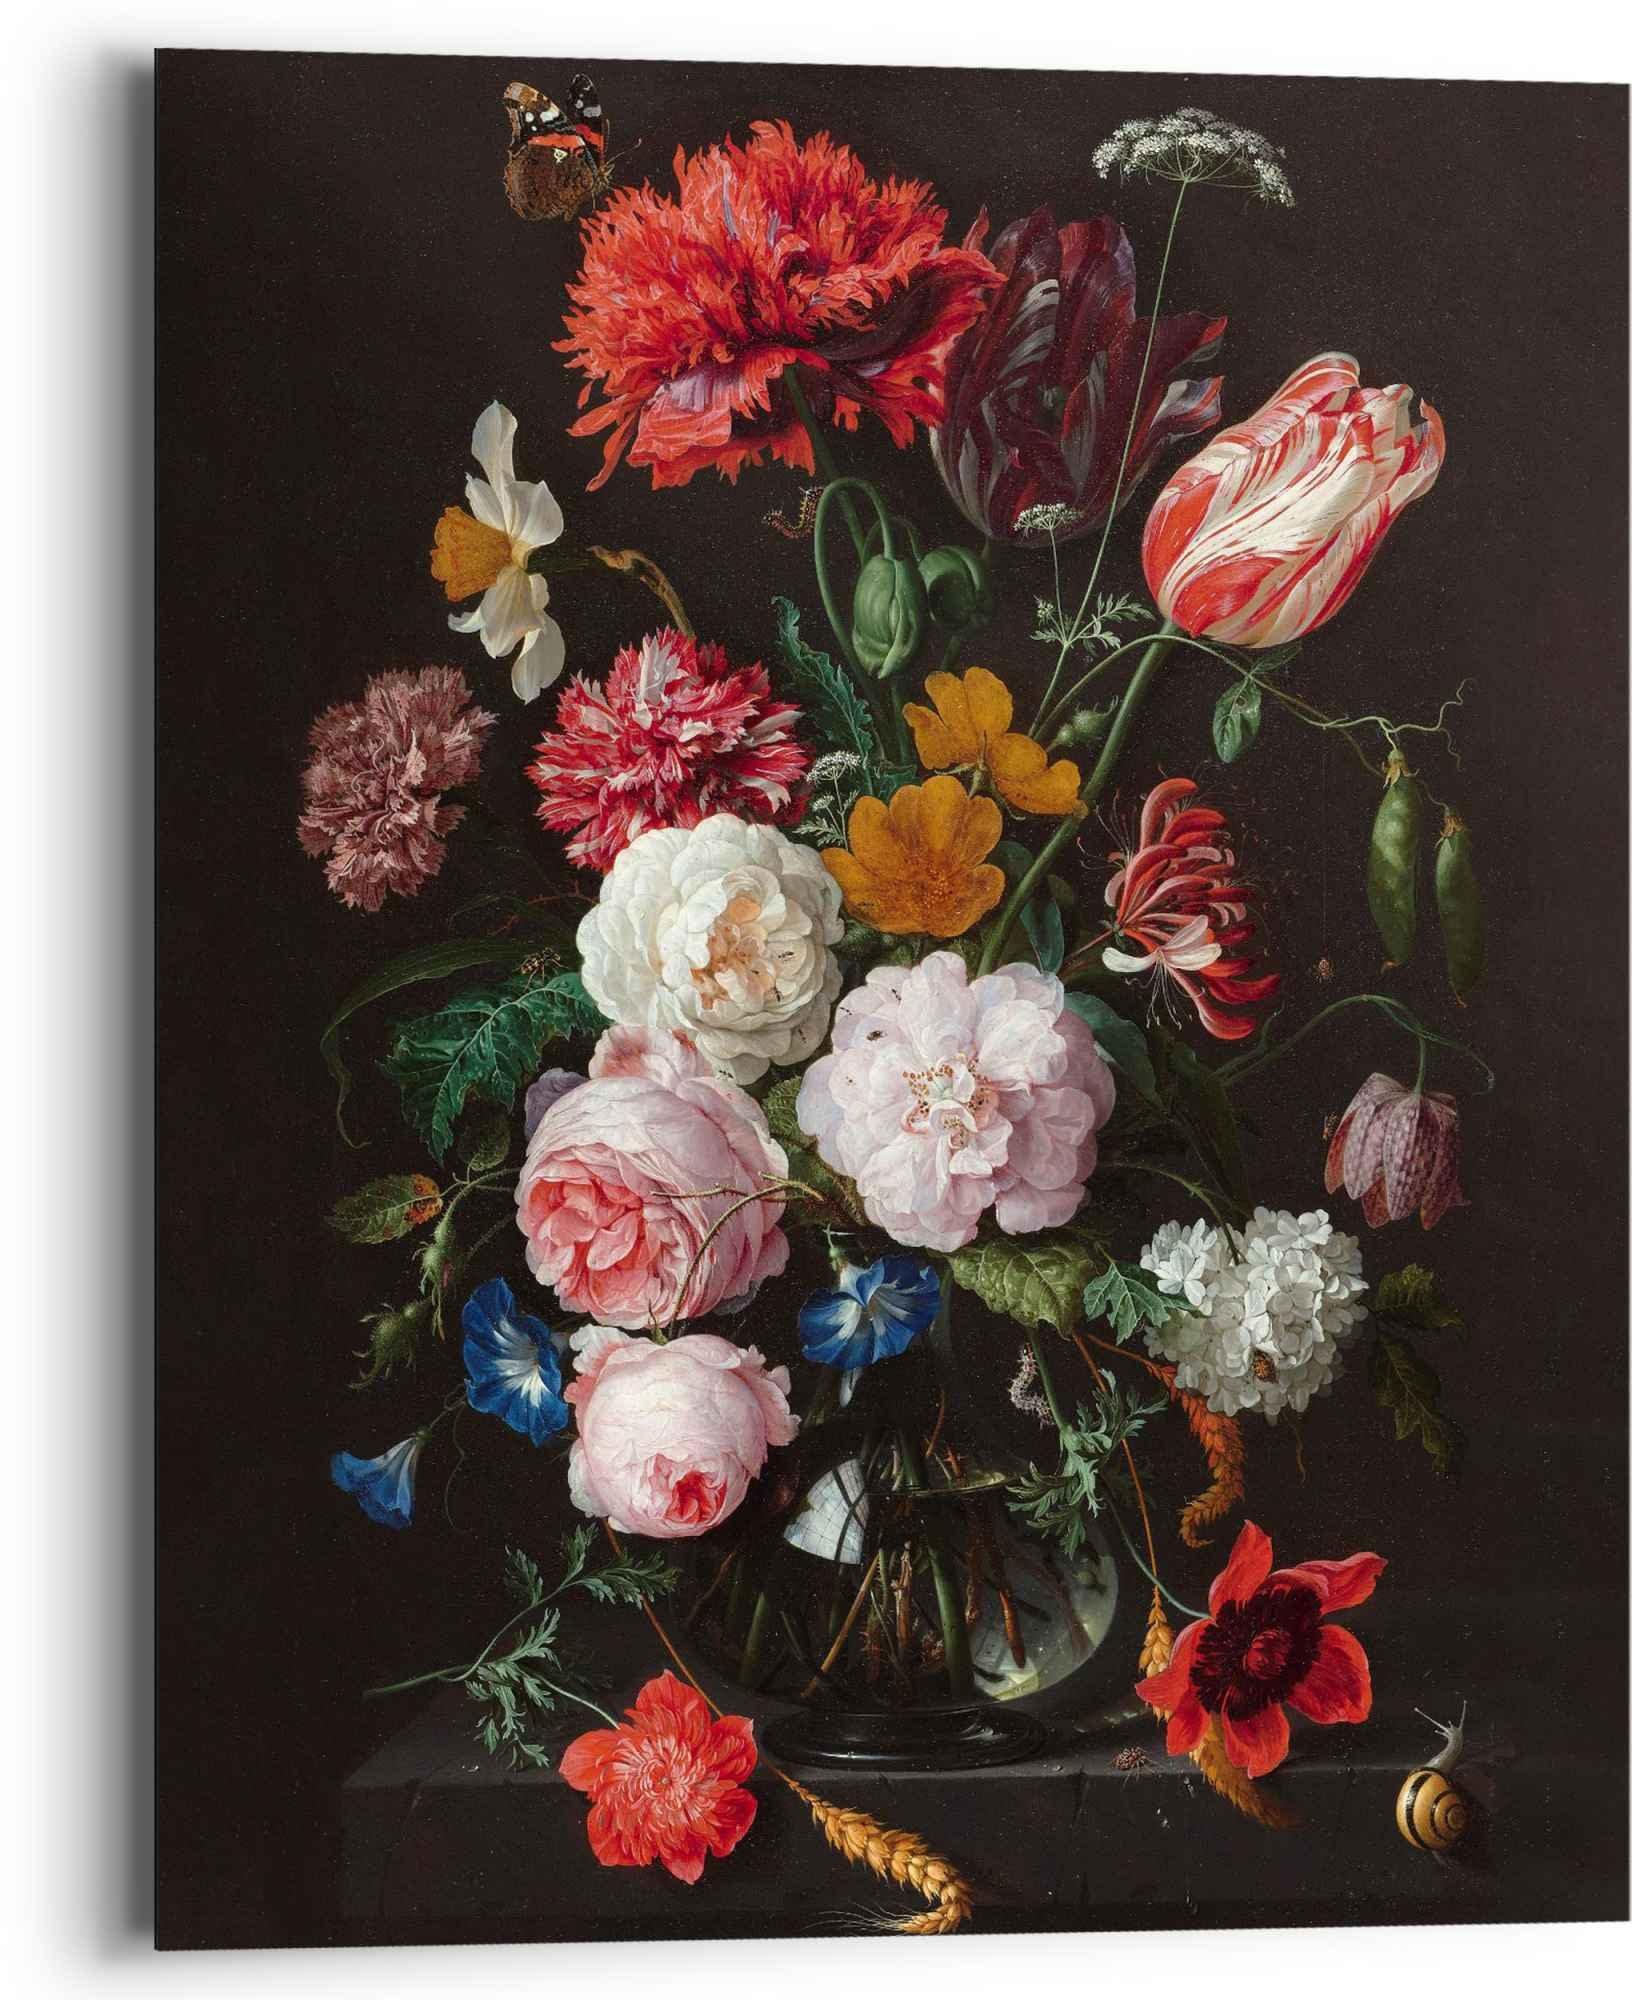 Reinders! artprint stilleven met bloemenvaas Jan Davidsz de Heem - oude meester - beroemde schilderij, bloemen (1 stuk) veilig op otto.nl kopen